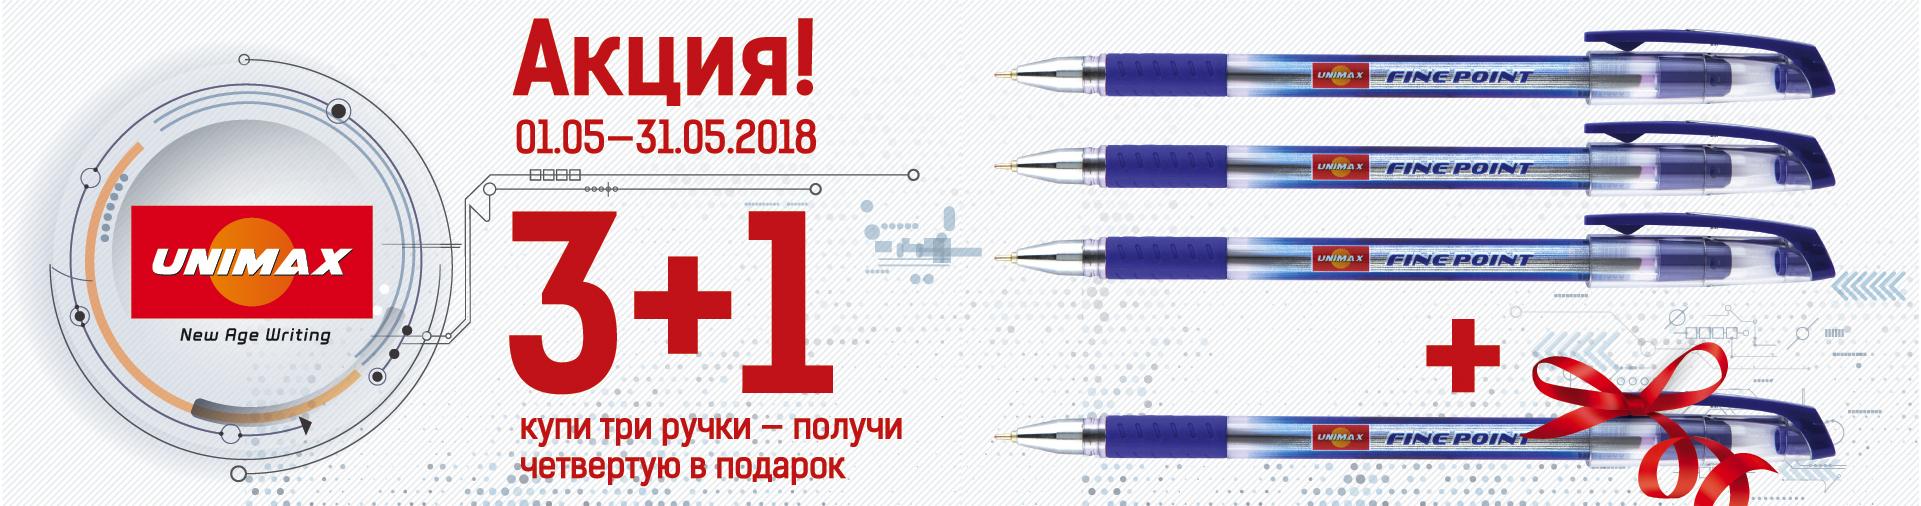 АКЦИЯ Unimax 1+1+1=4